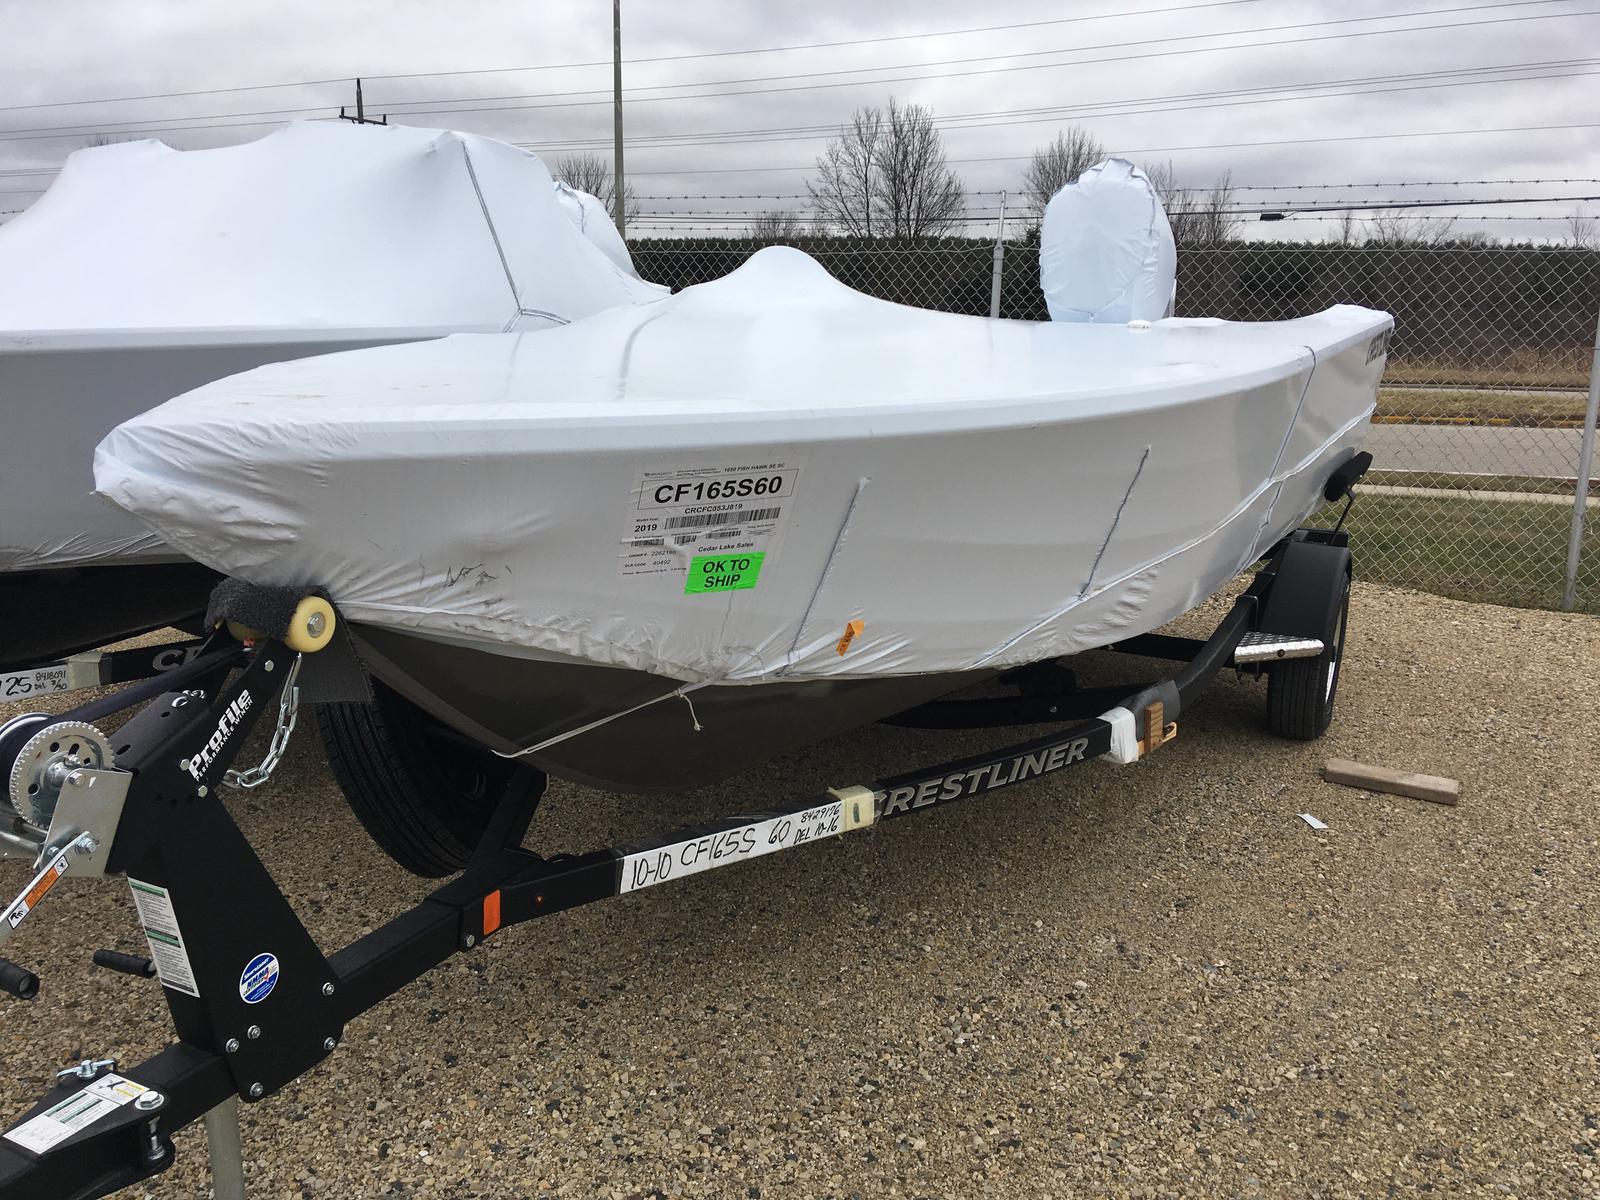 Crestliner 1650 FISH HAWK SE SC